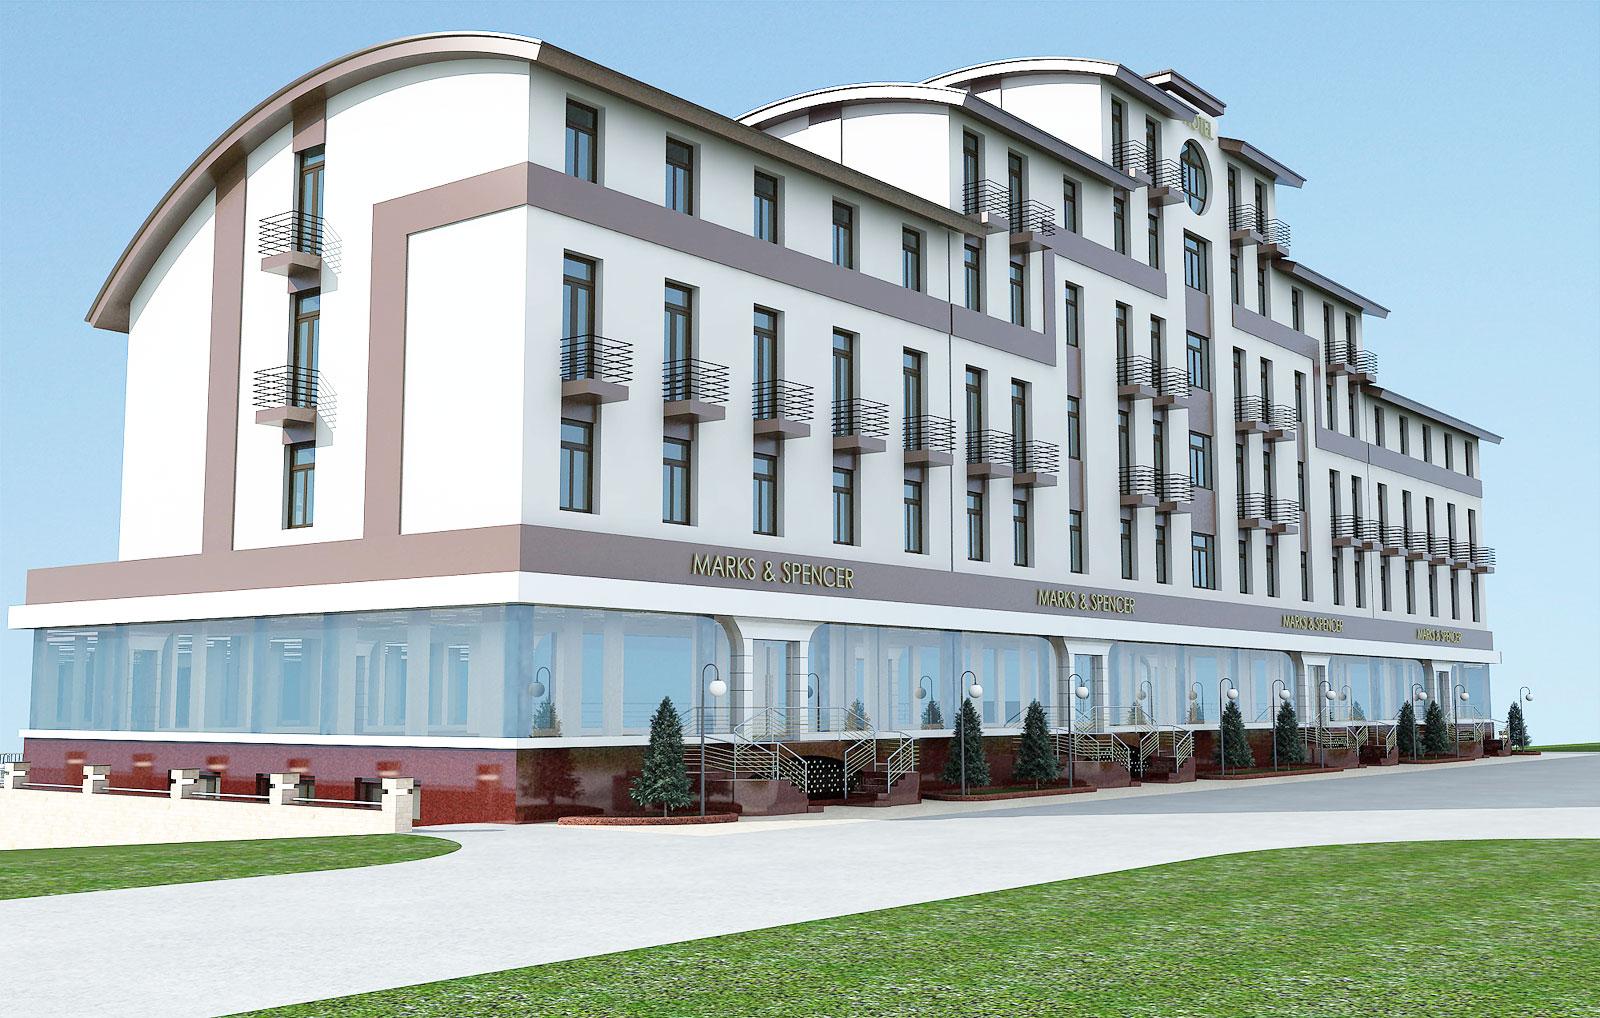 Гостиница с магазинами на первом этаже